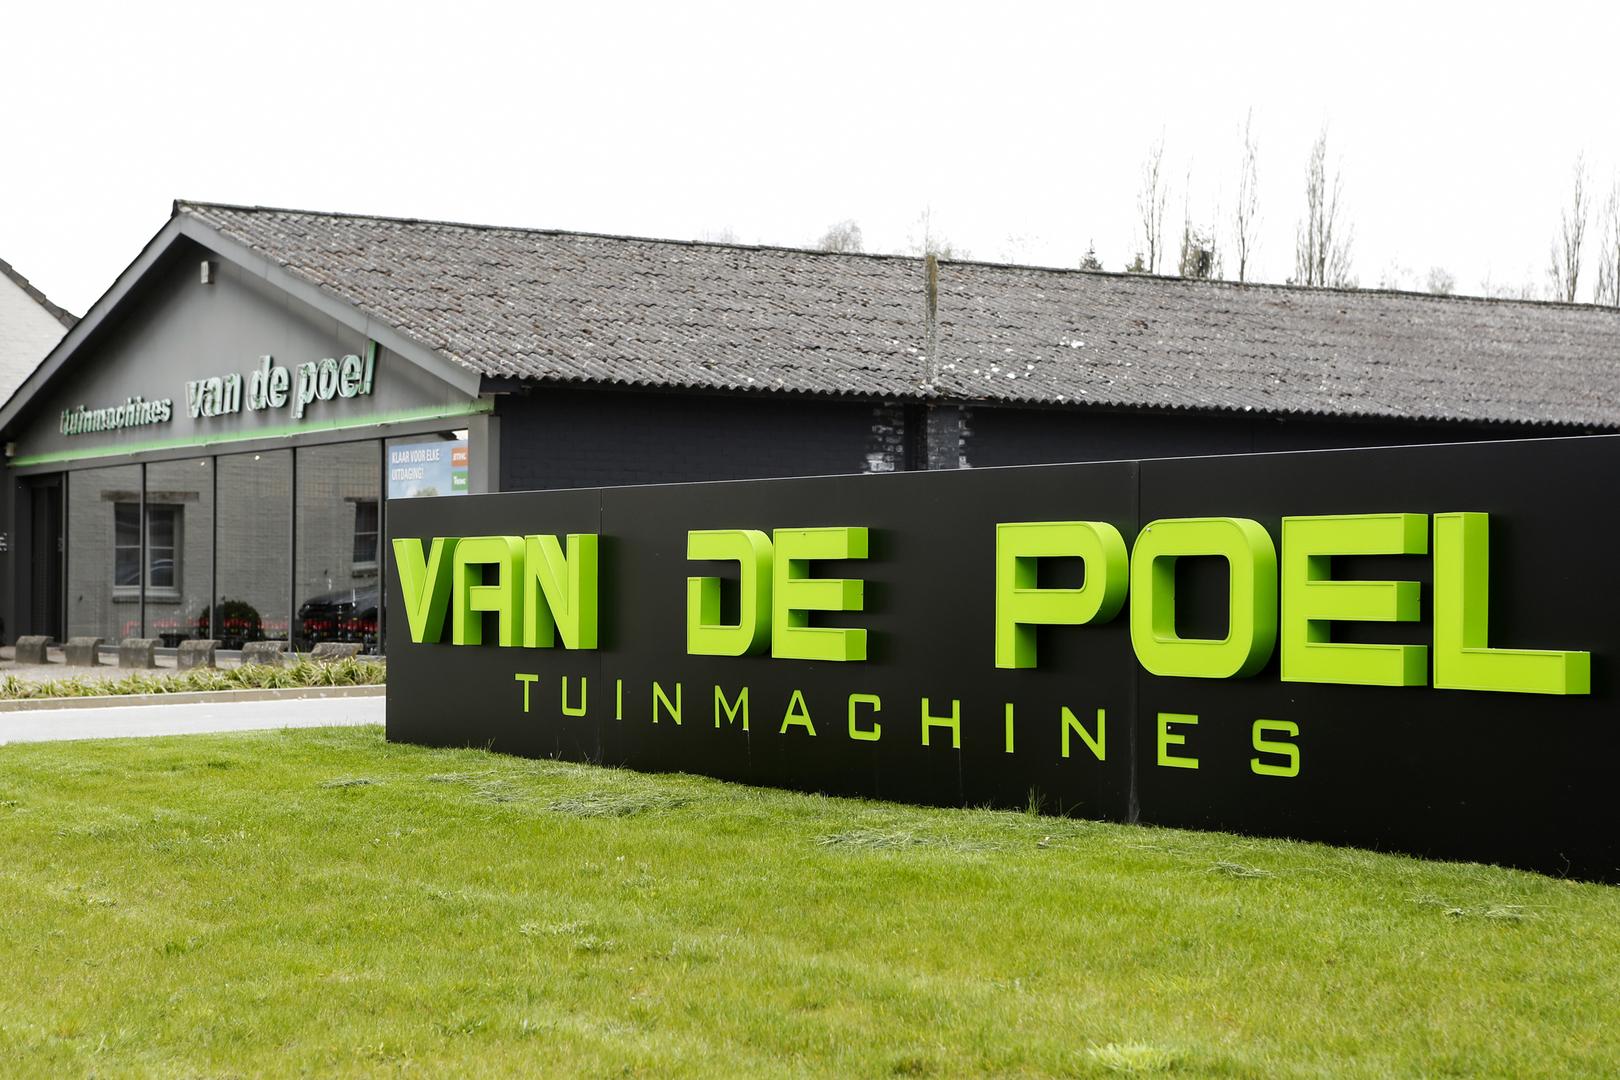 Van De Poel - Van de poel tuinmachines in beeld